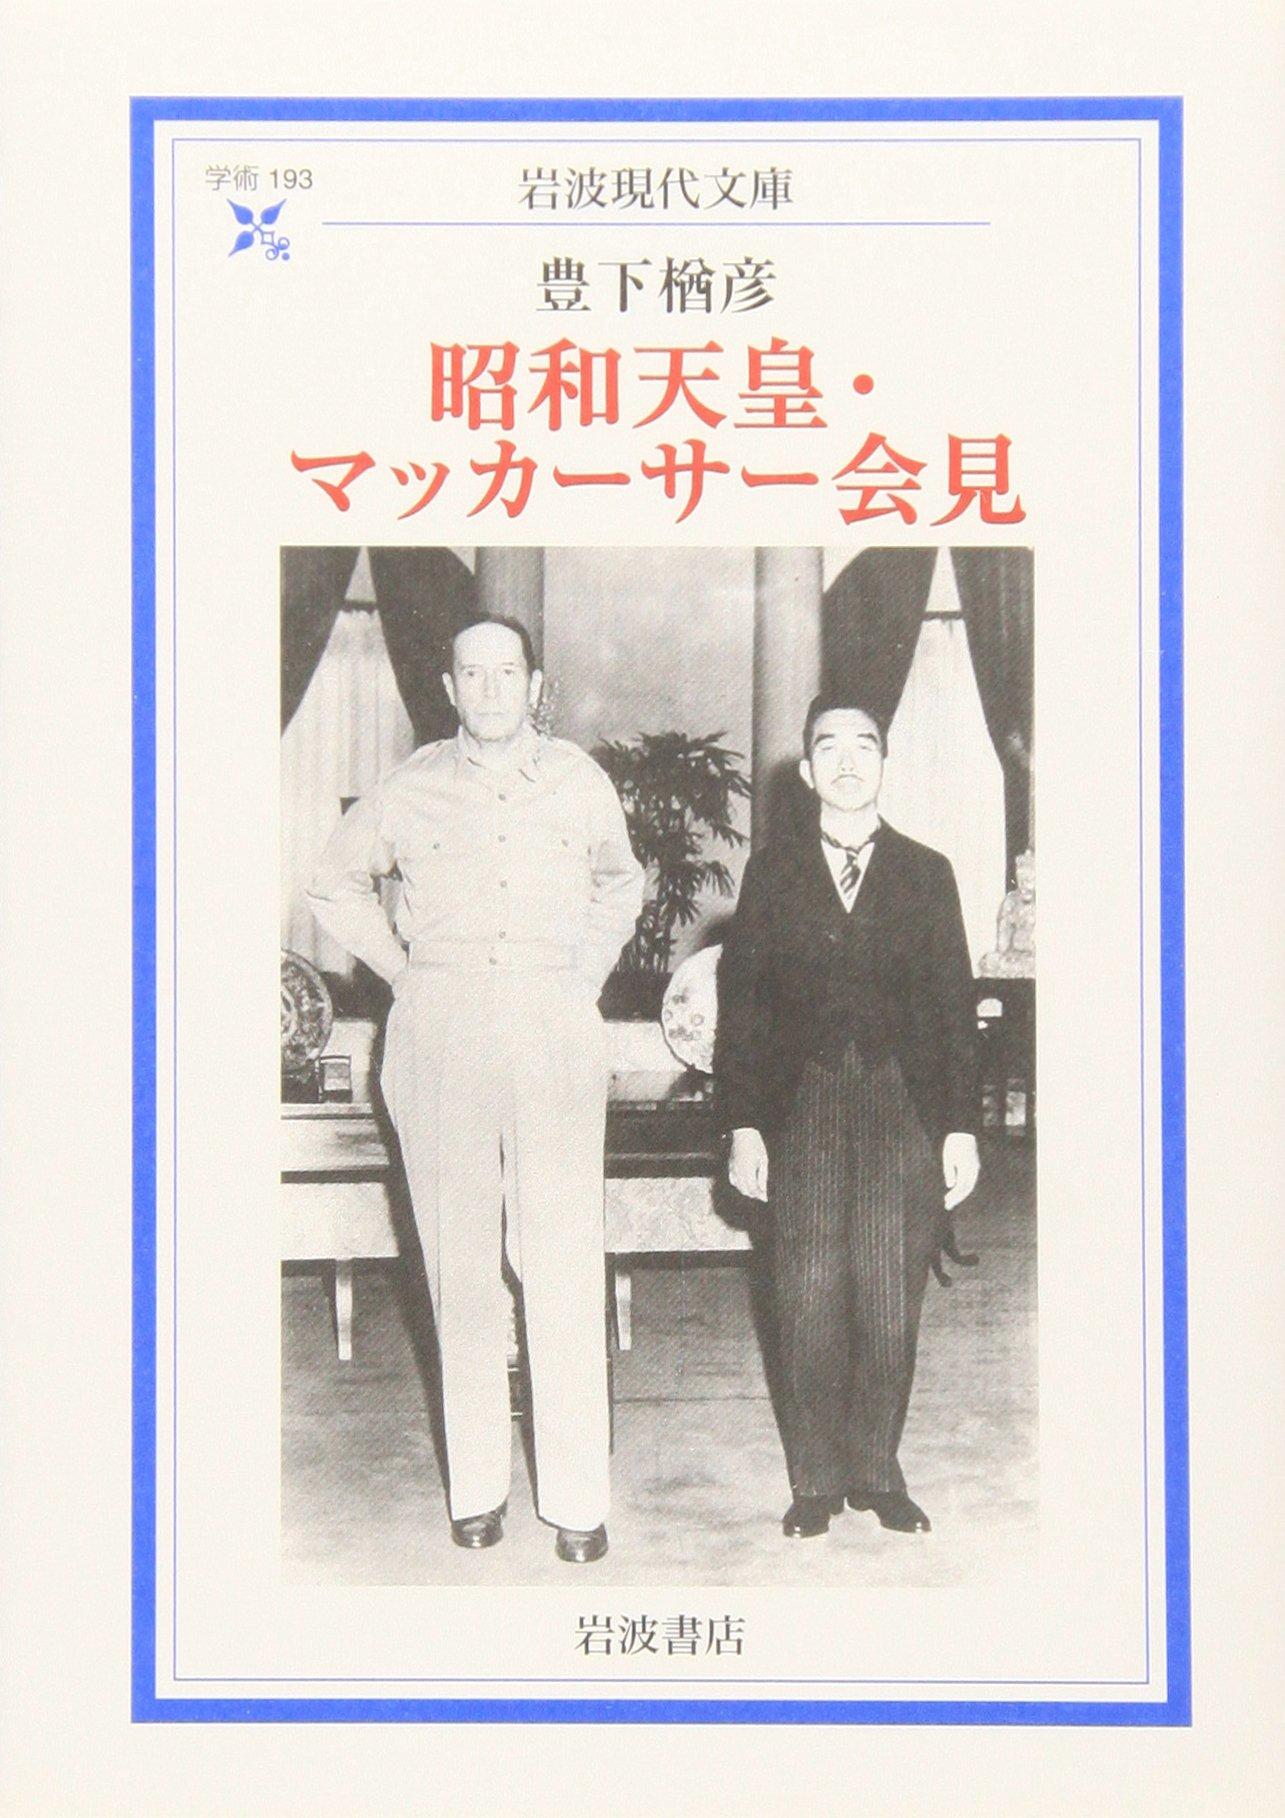 昭和天皇について知れる5冊の本。戦前戦後の日本の舞台裏をひも解く